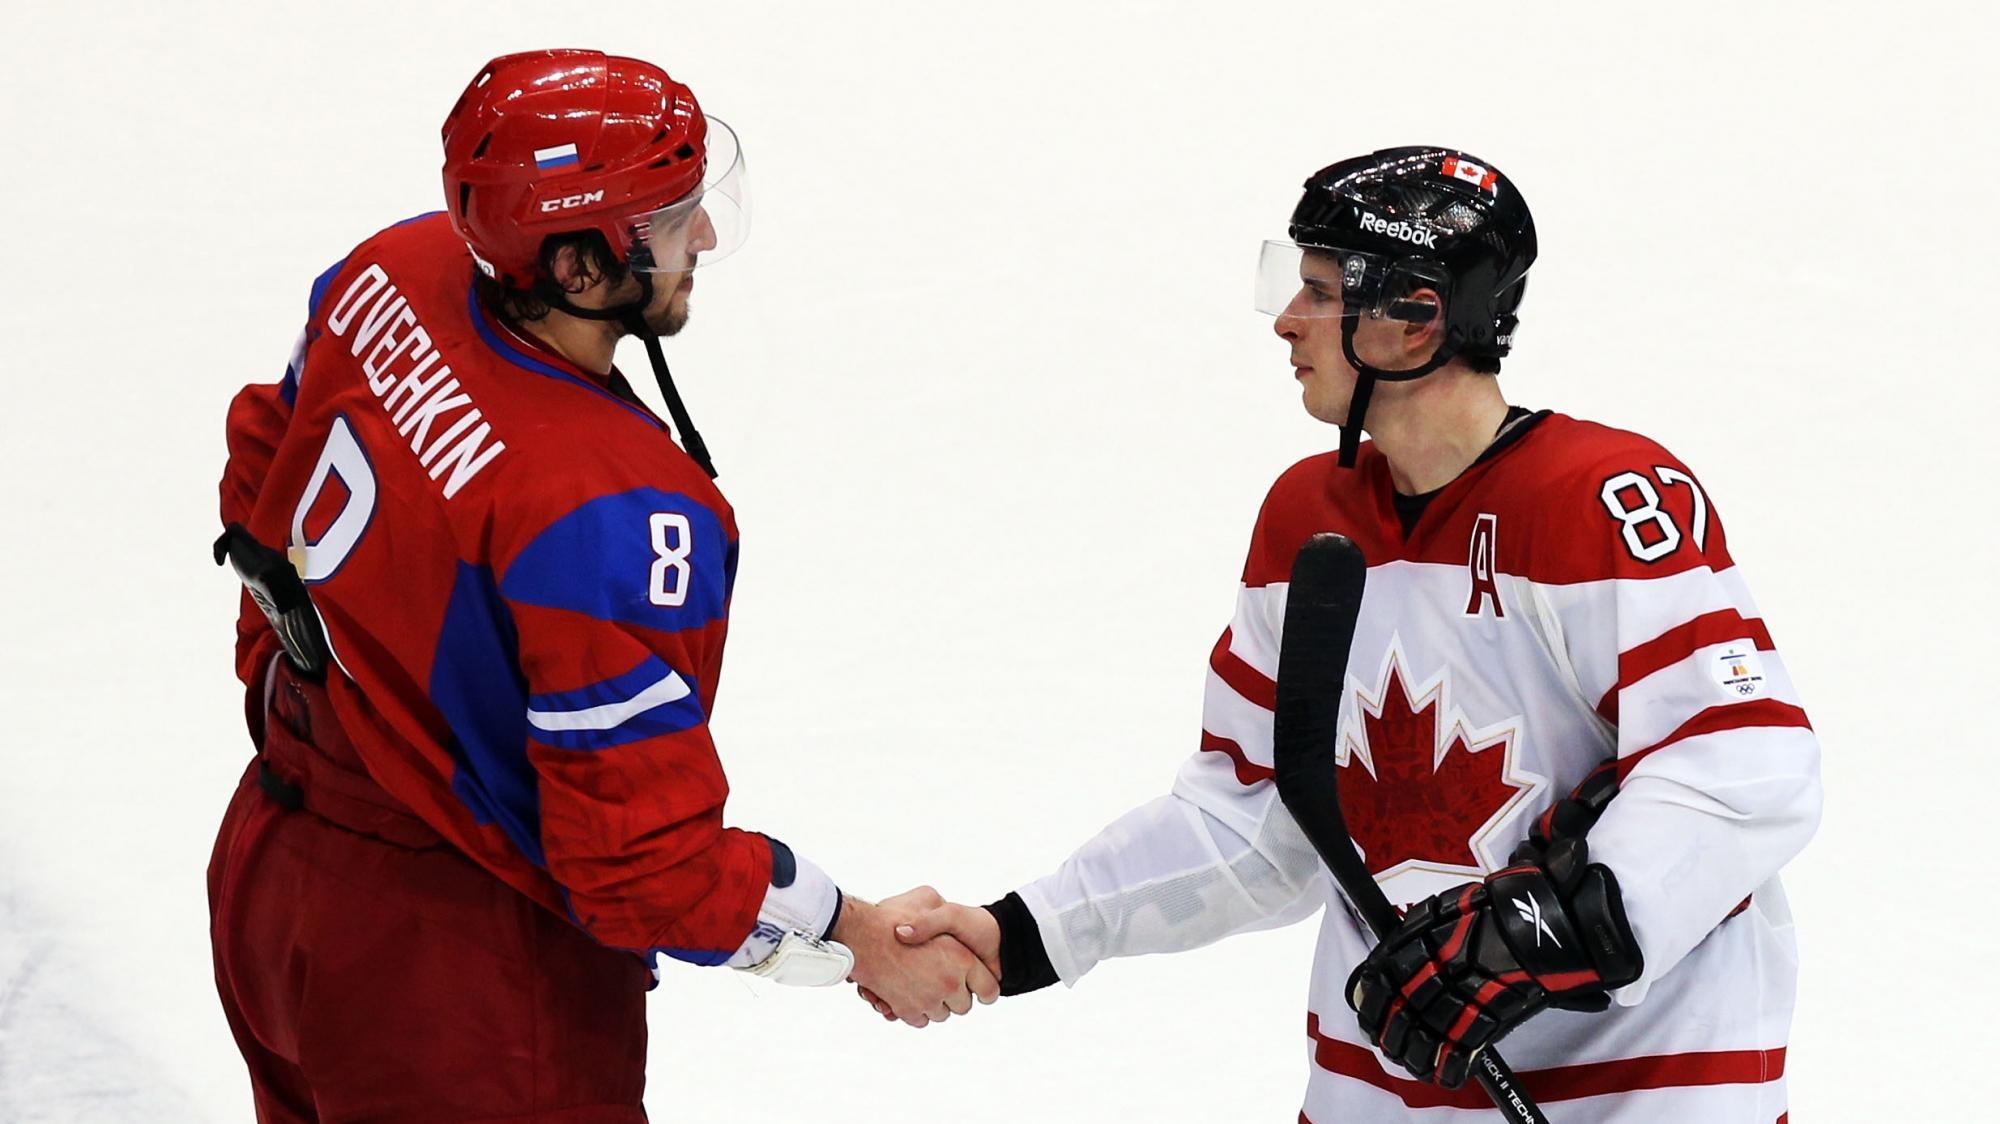 Канада россия хоккейный матч [PUNIQRANDLINE-(au-dating-names.txt) 22